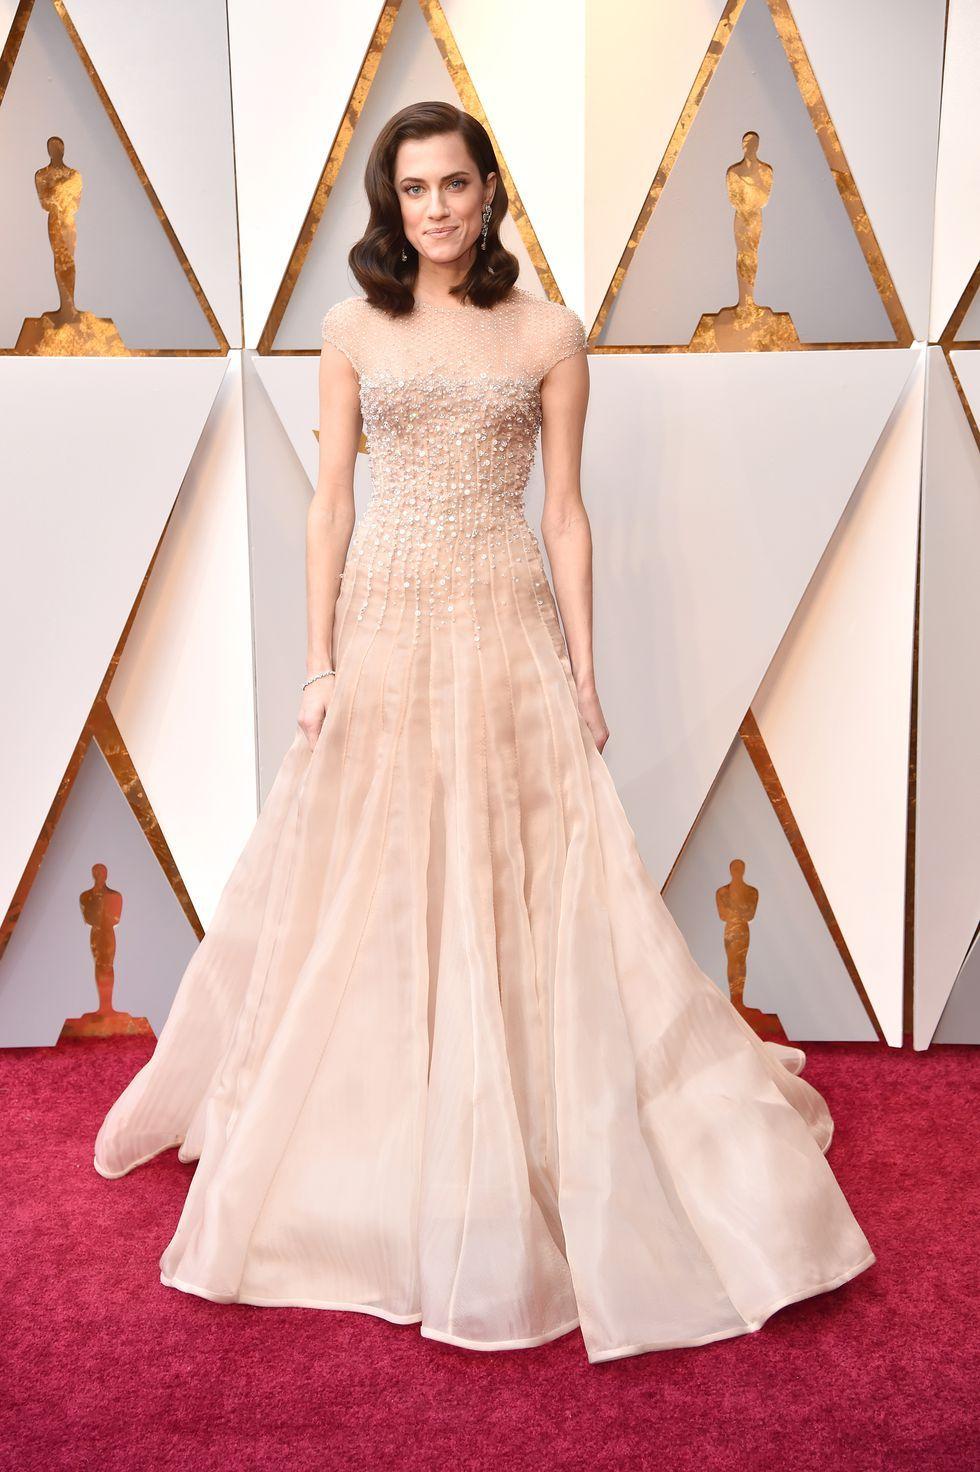 Los looks de la alfombra roja de los Premios Oscar 2018 que podrían ser looks de novia.